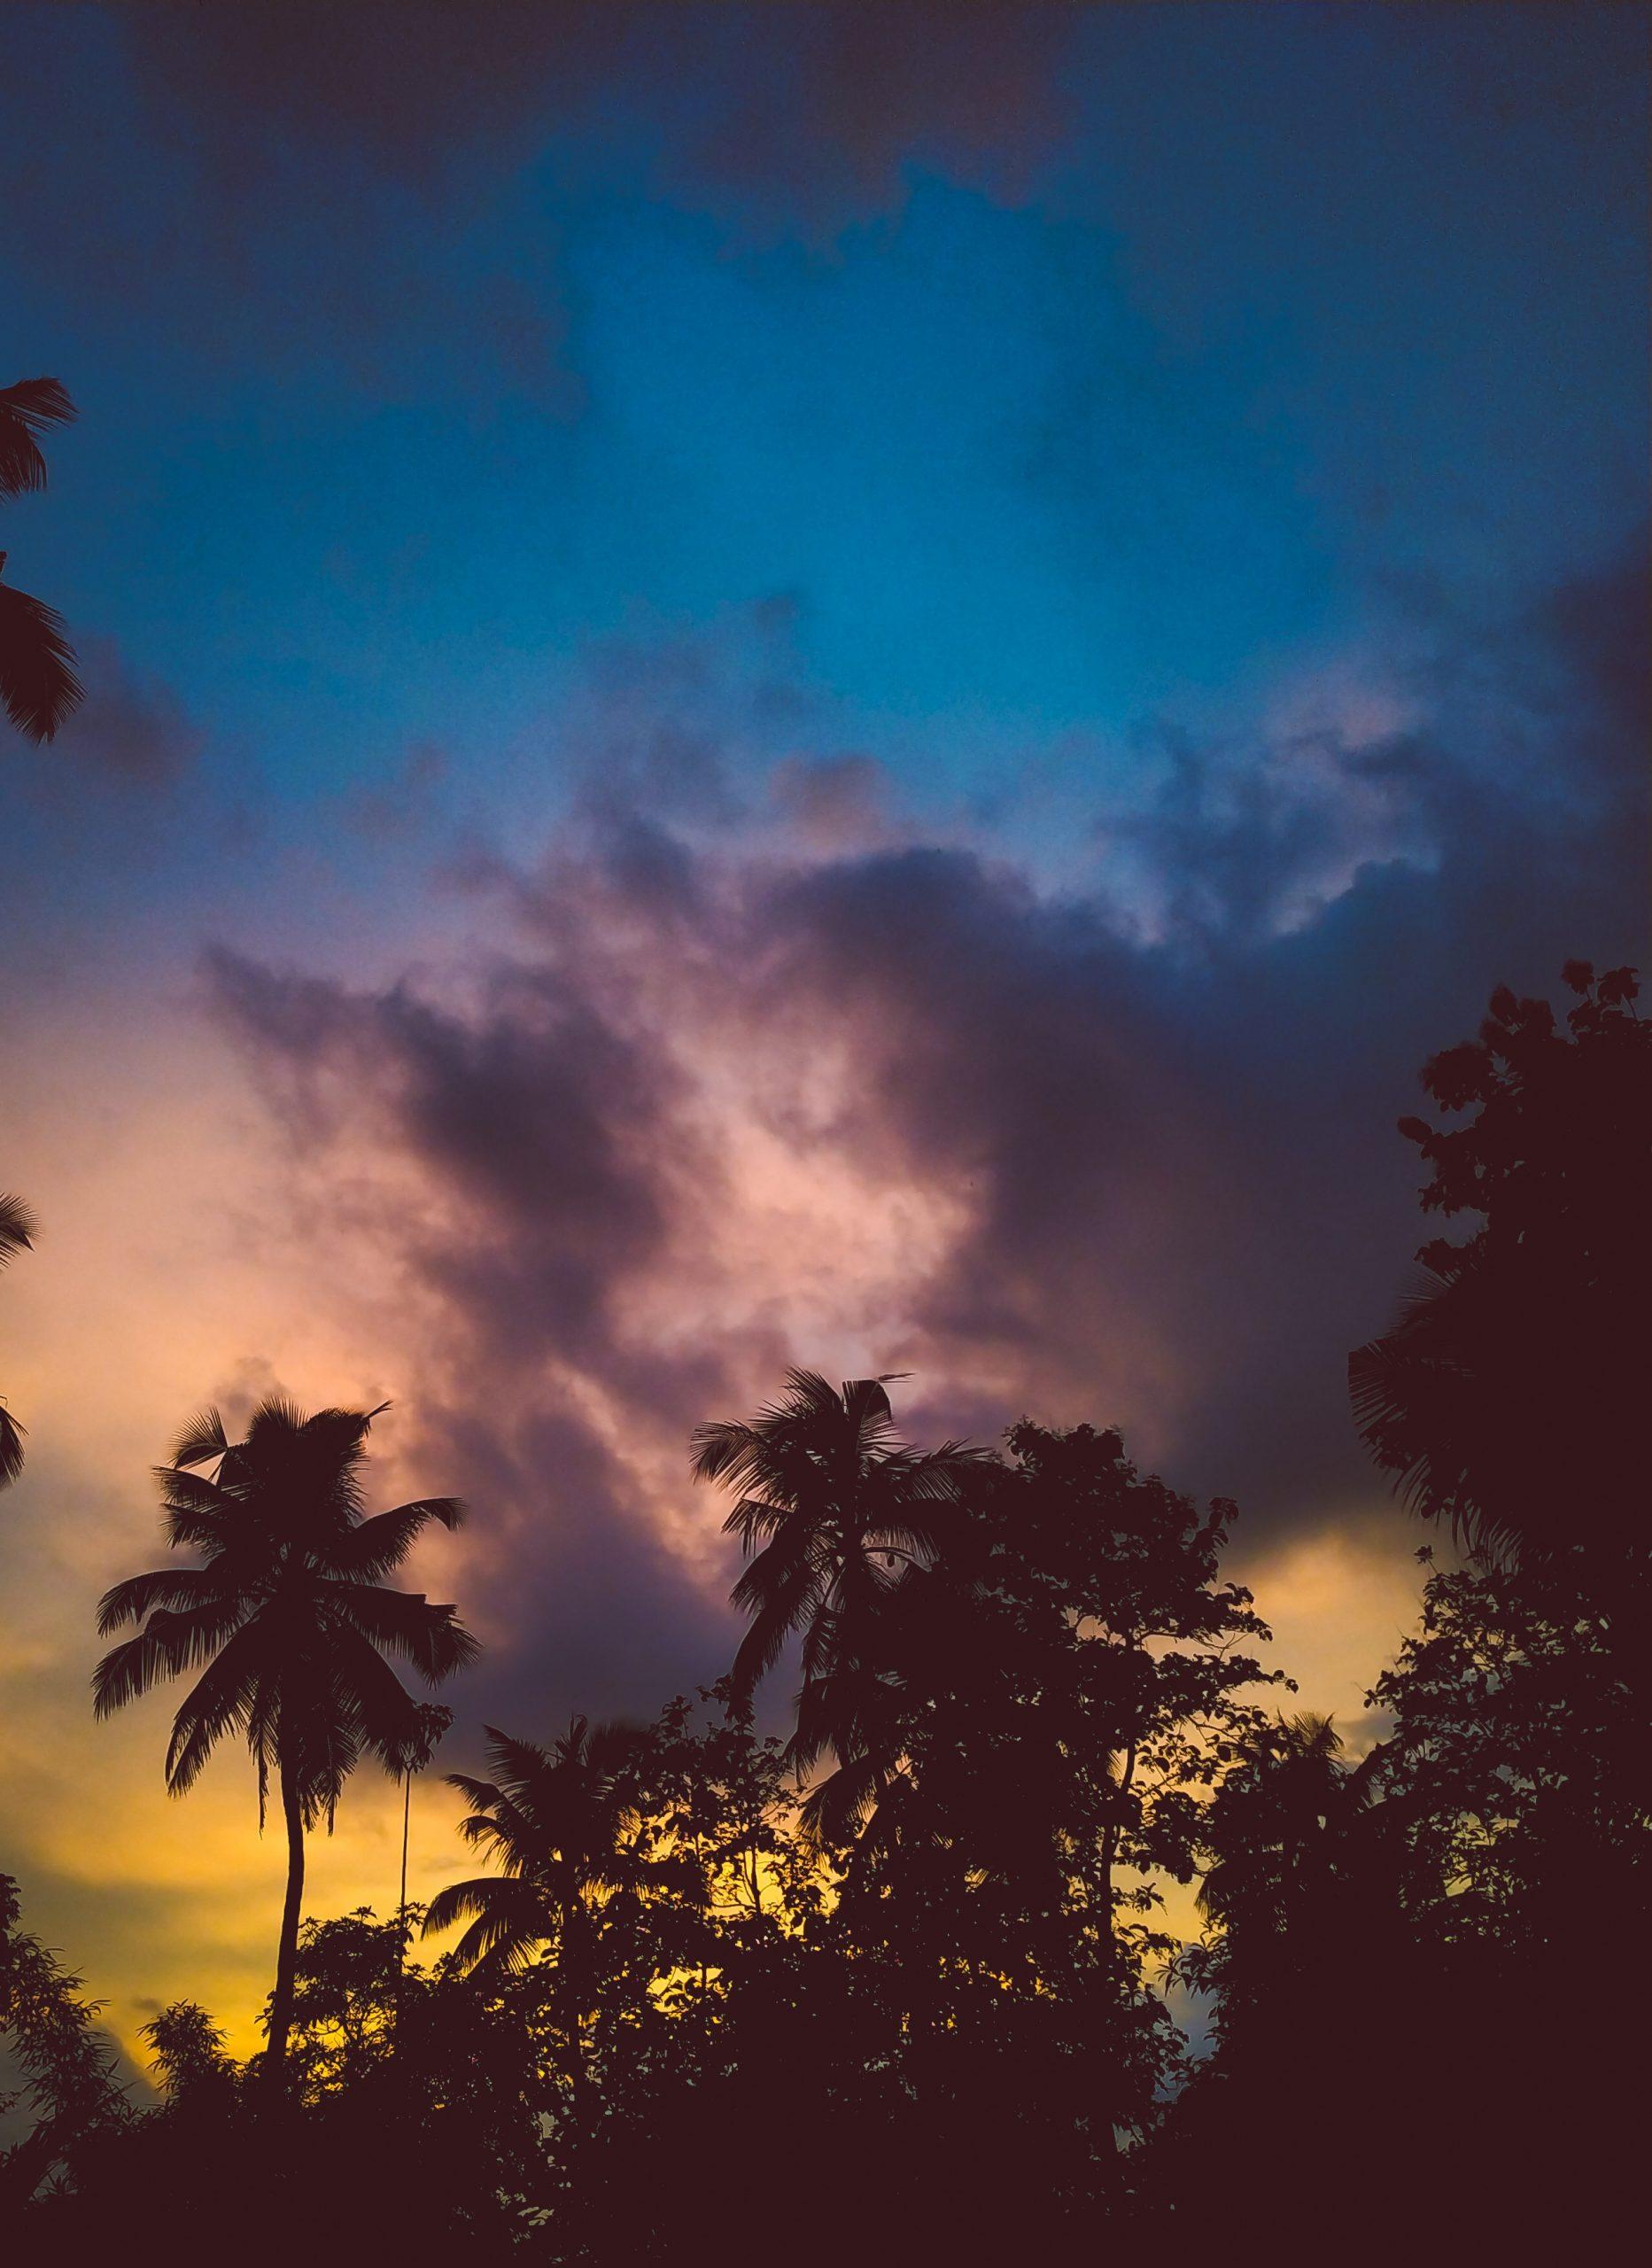 Sky's Bliss